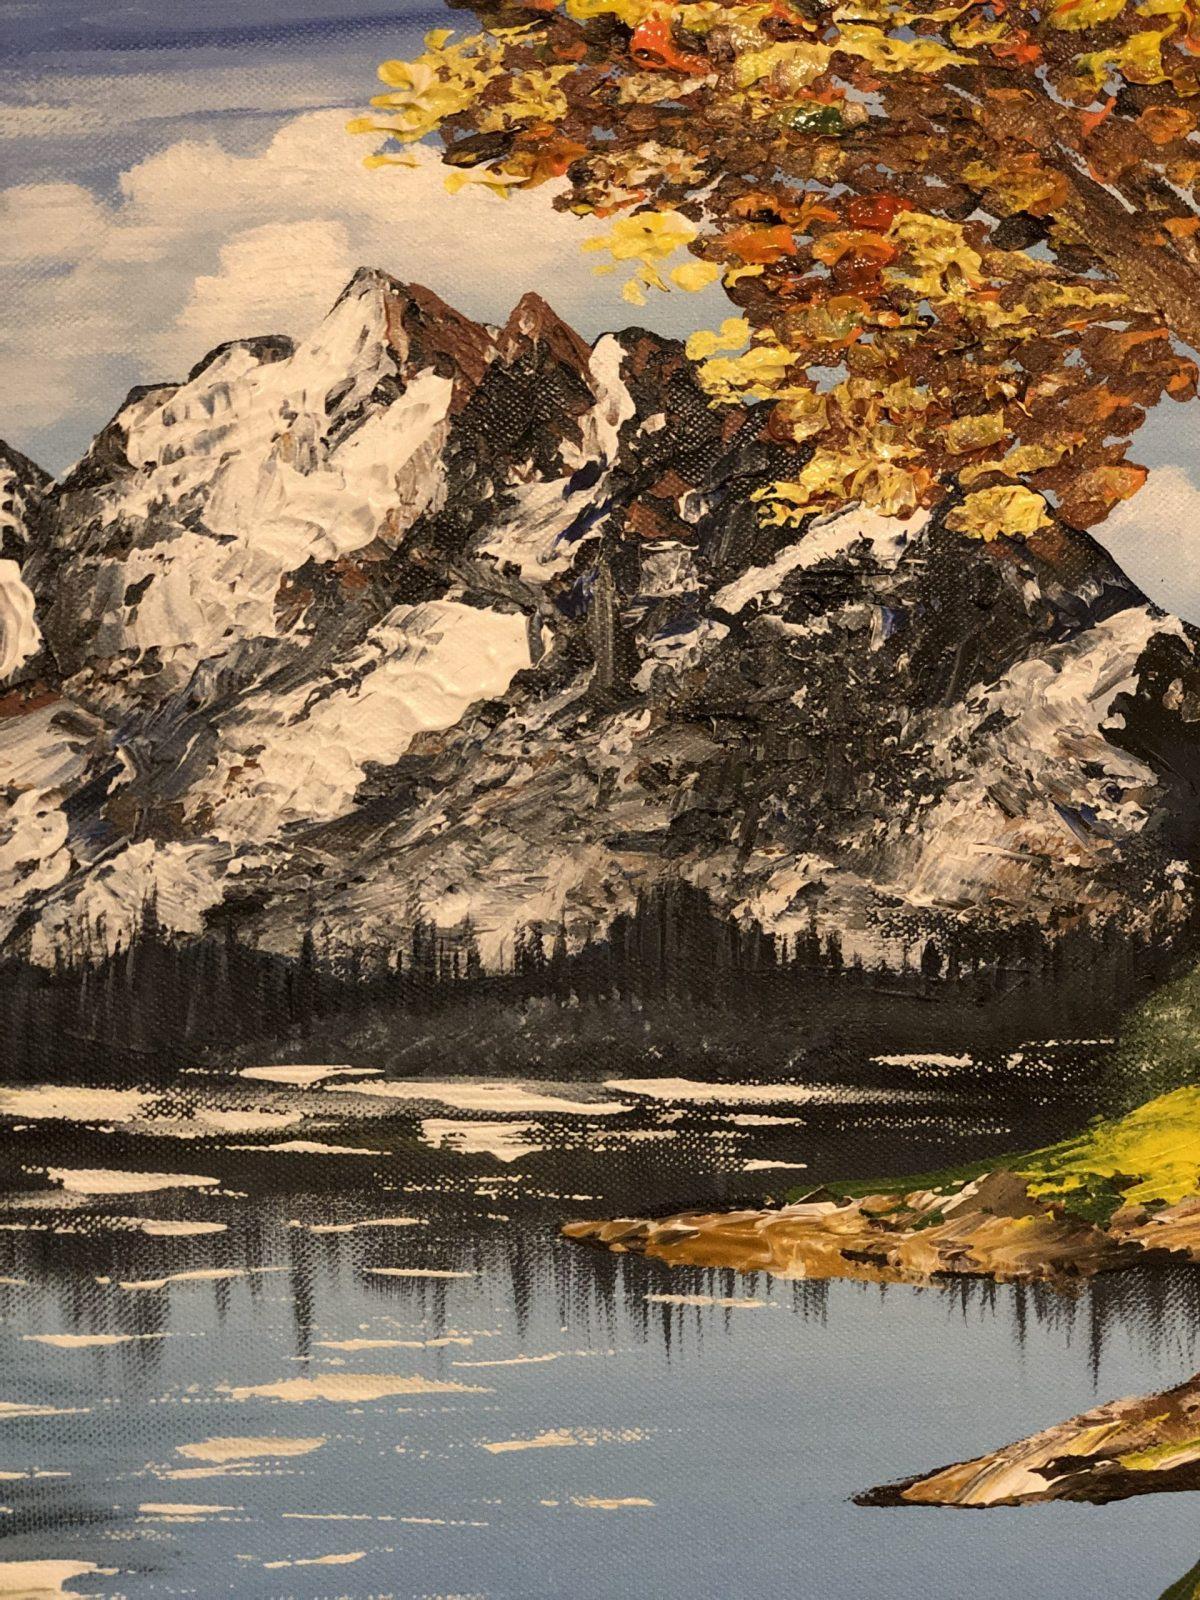 AUTUMN LAKE LANDSCAPE - paysage de l'automne avec montagne au gros plan, fait au couteau à palette